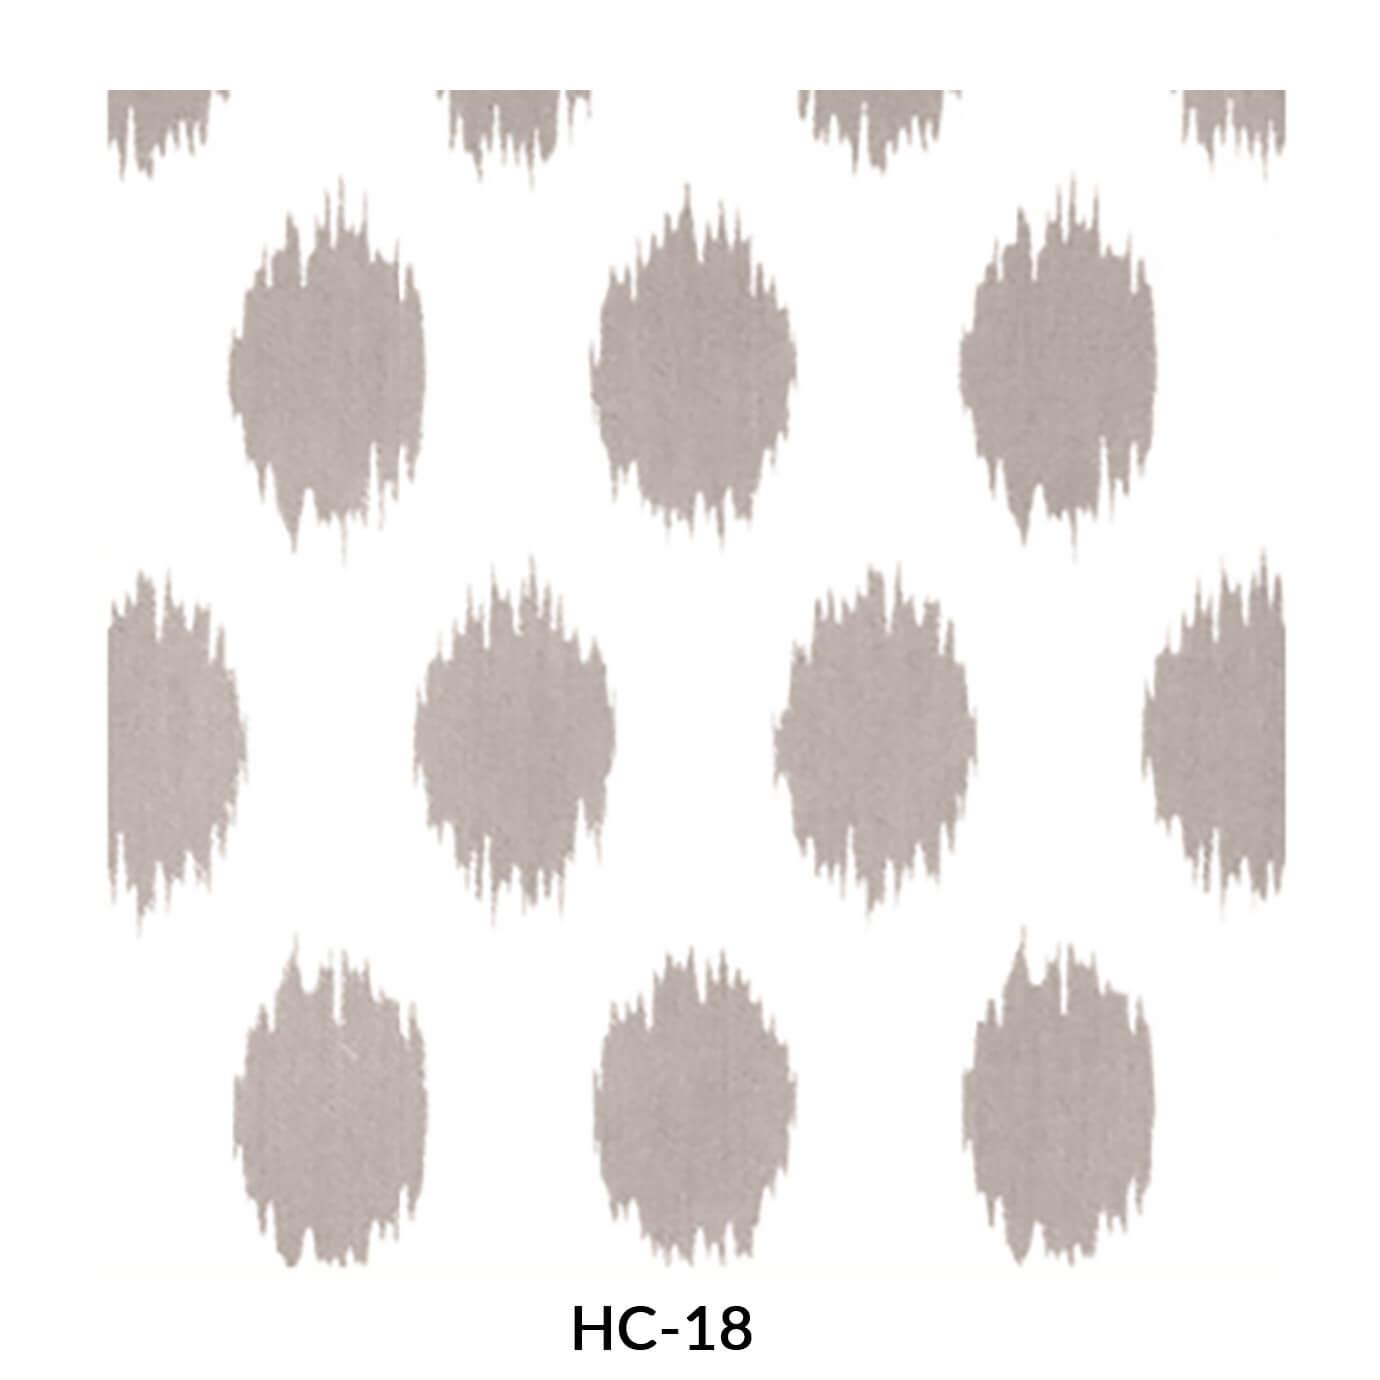 hc18.jpg